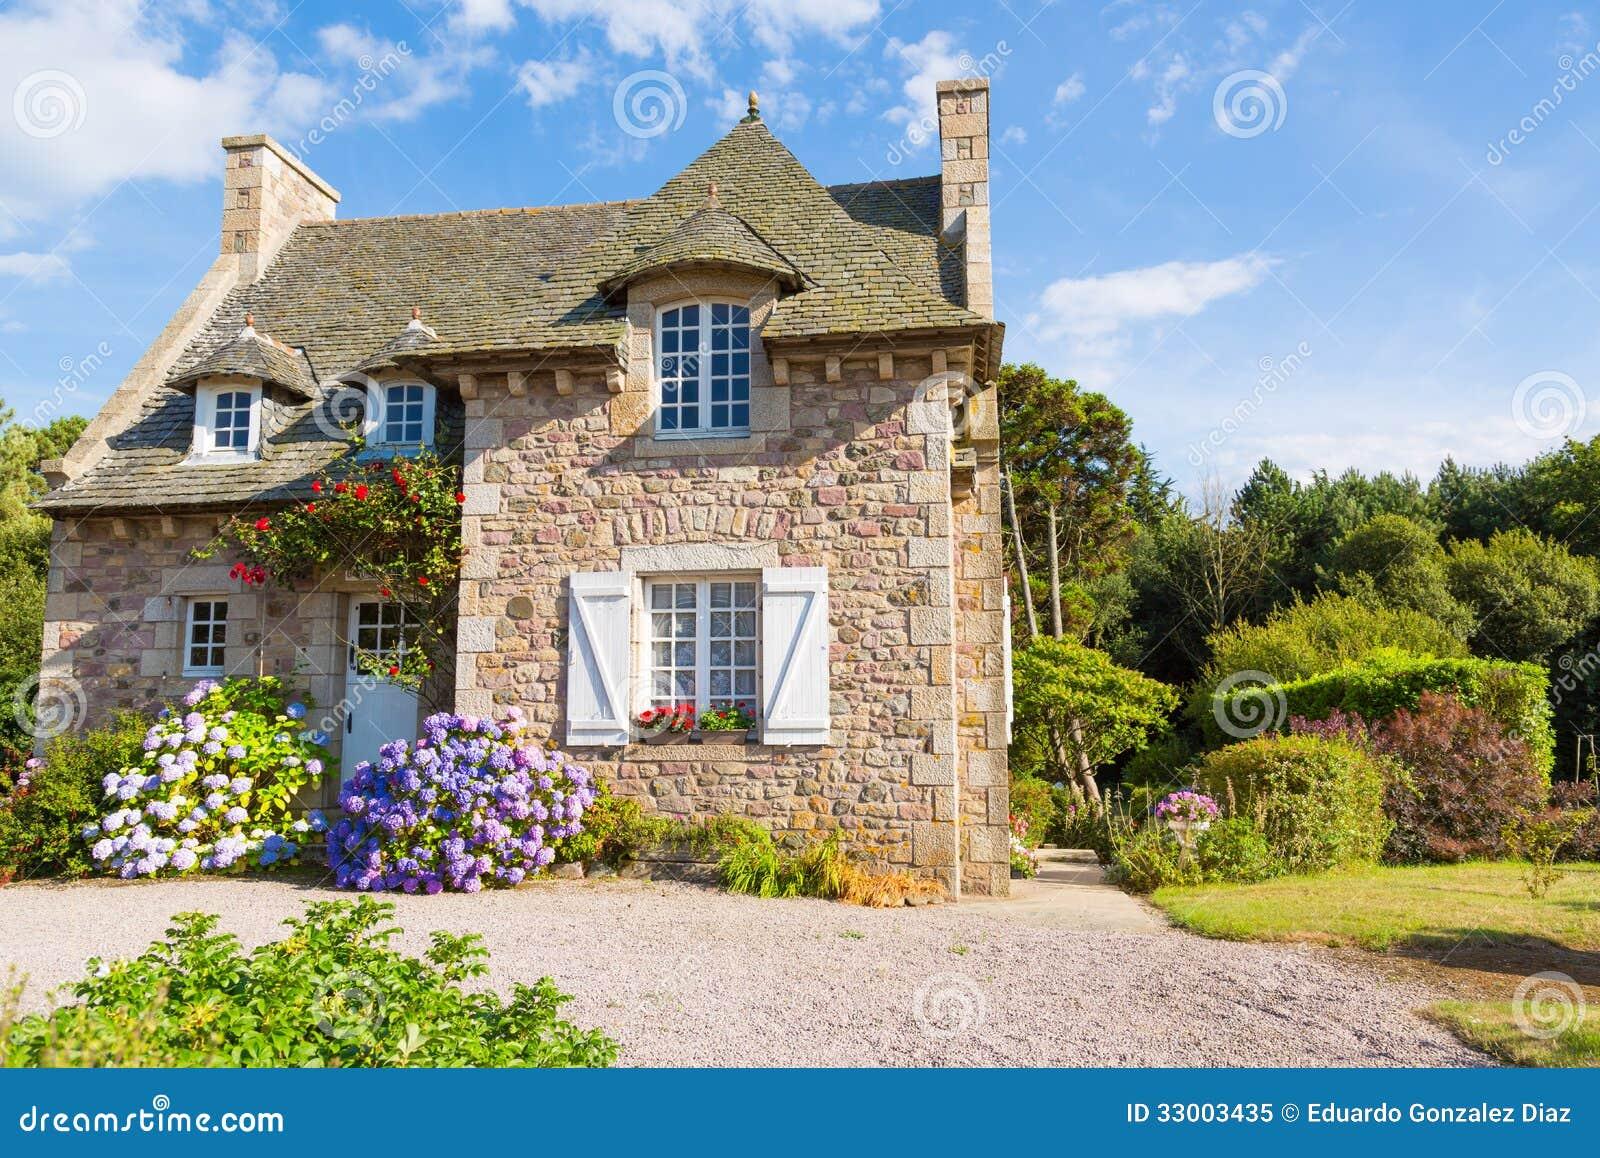 maison typique de la bretagne de fran ais image stock image du angleterre fran ais 33003435. Black Bedroom Furniture Sets. Home Design Ideas